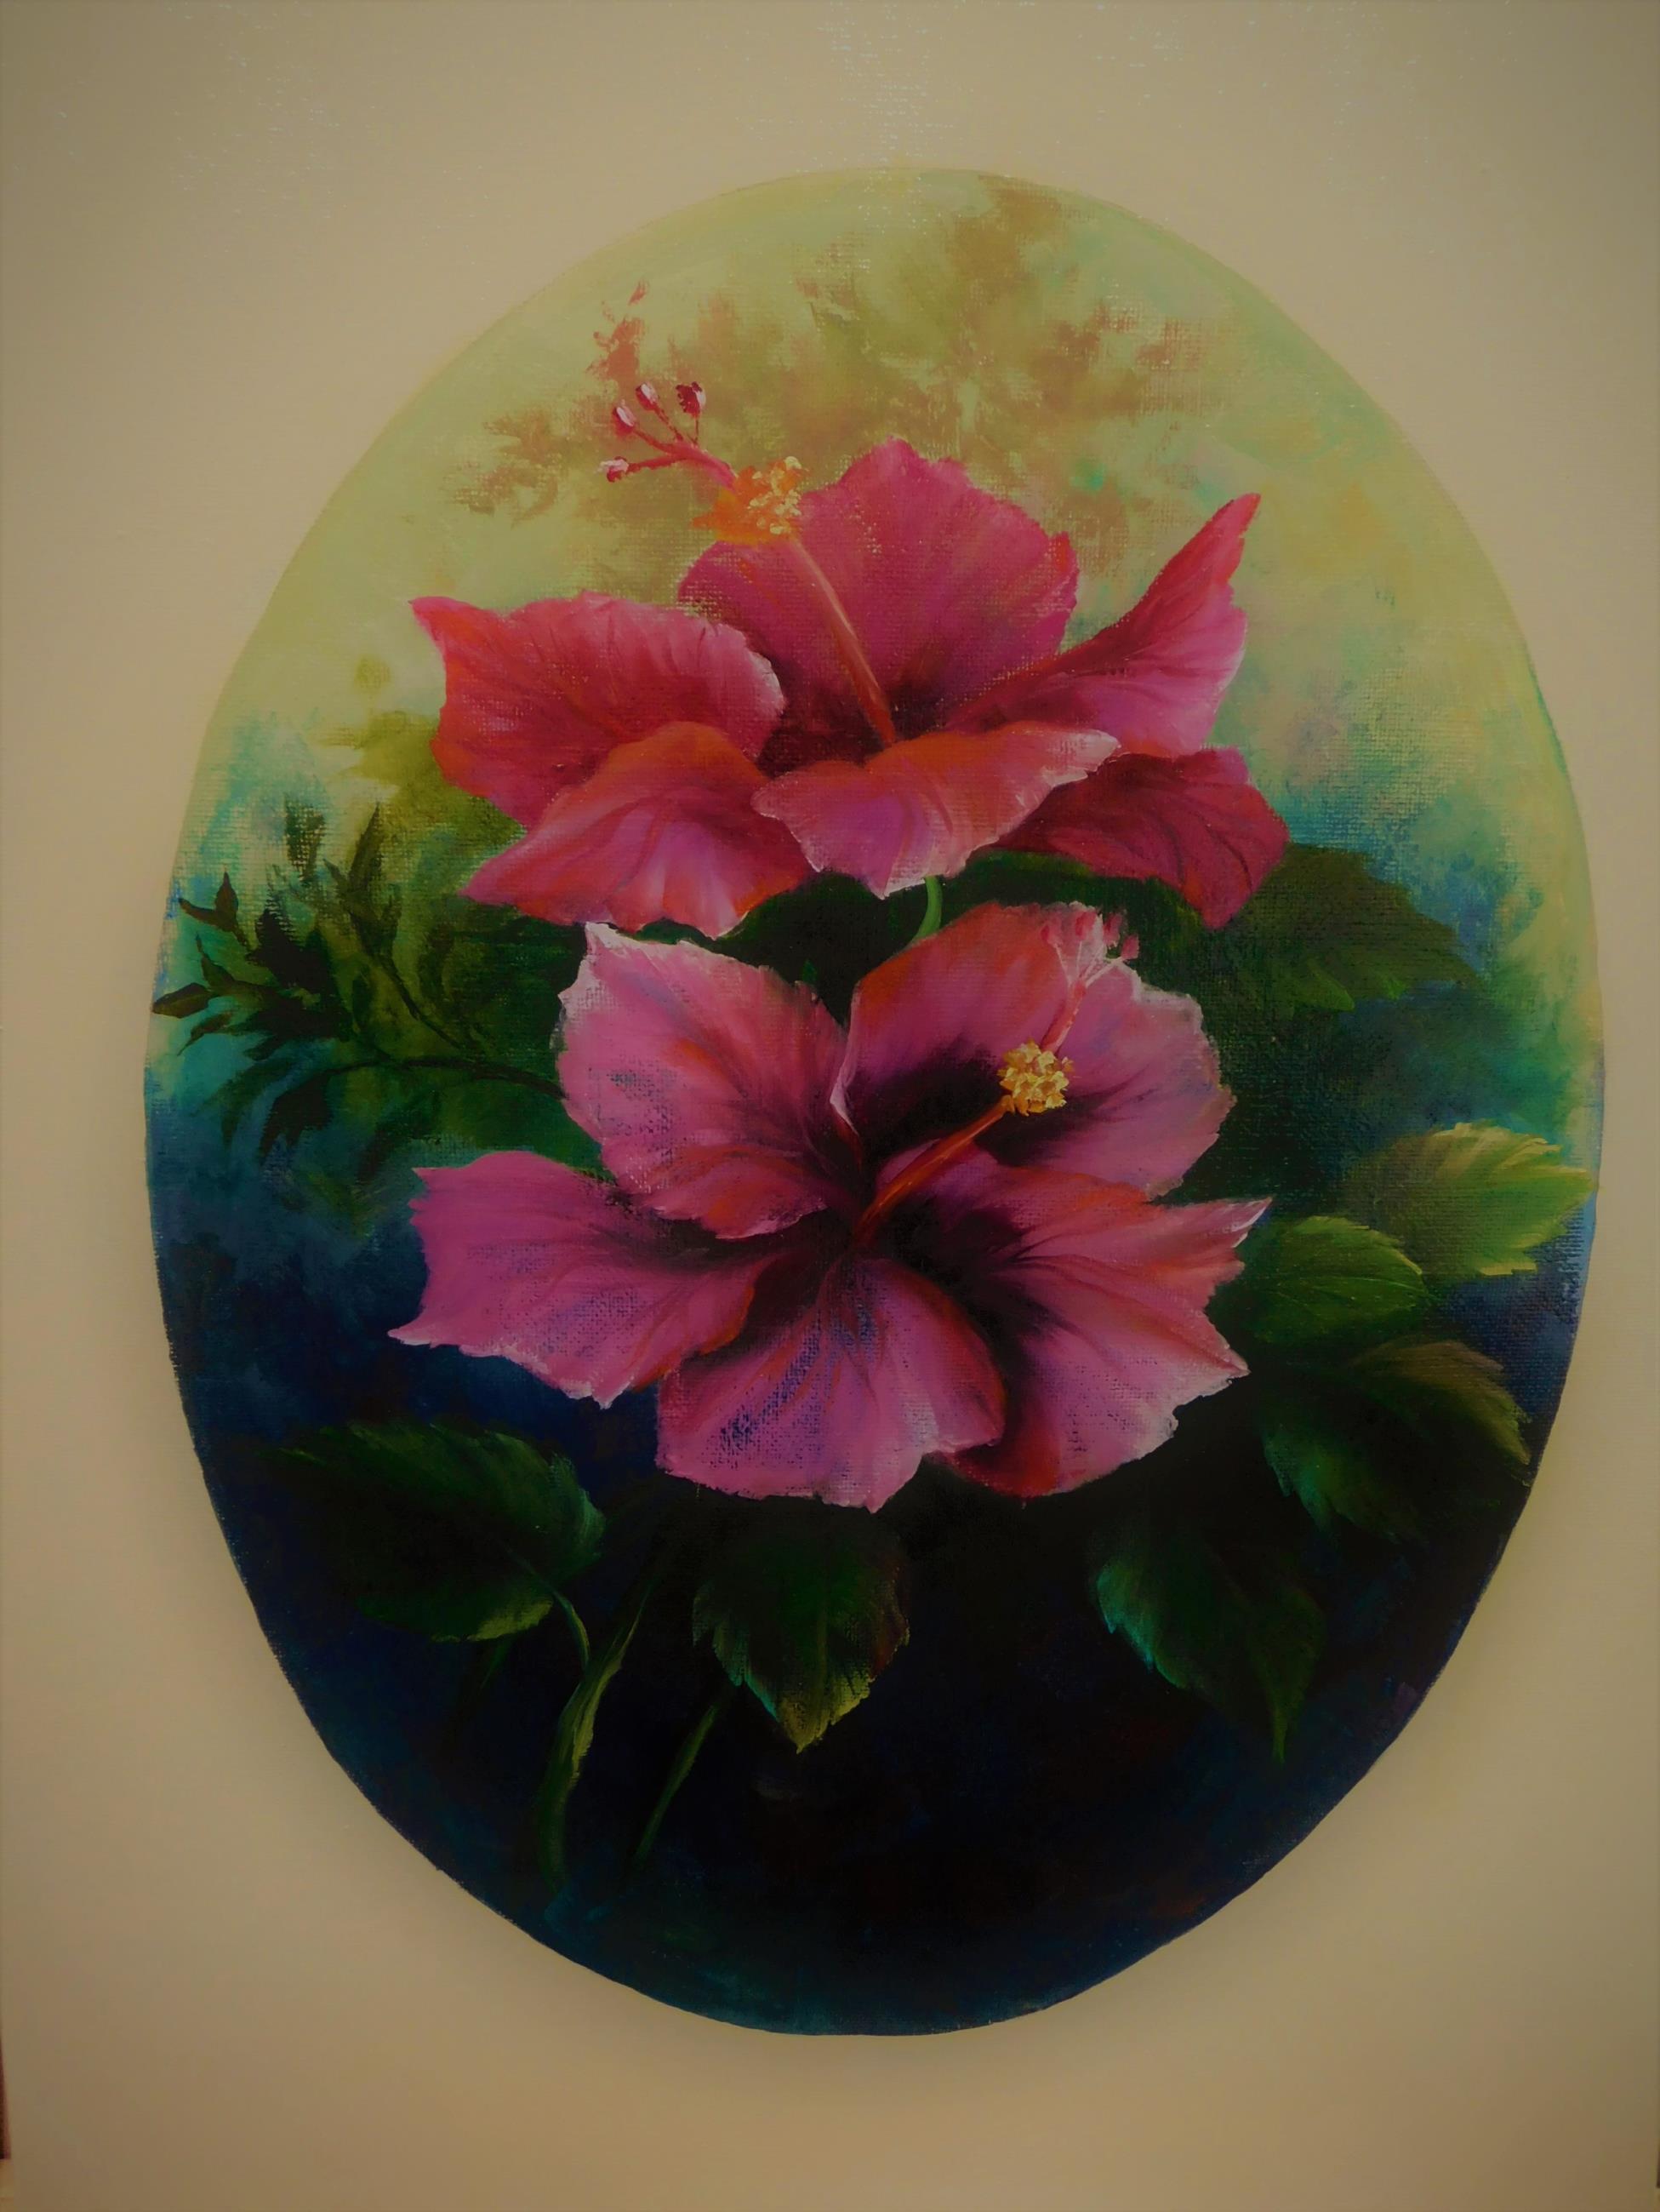 Hibiscus (June)